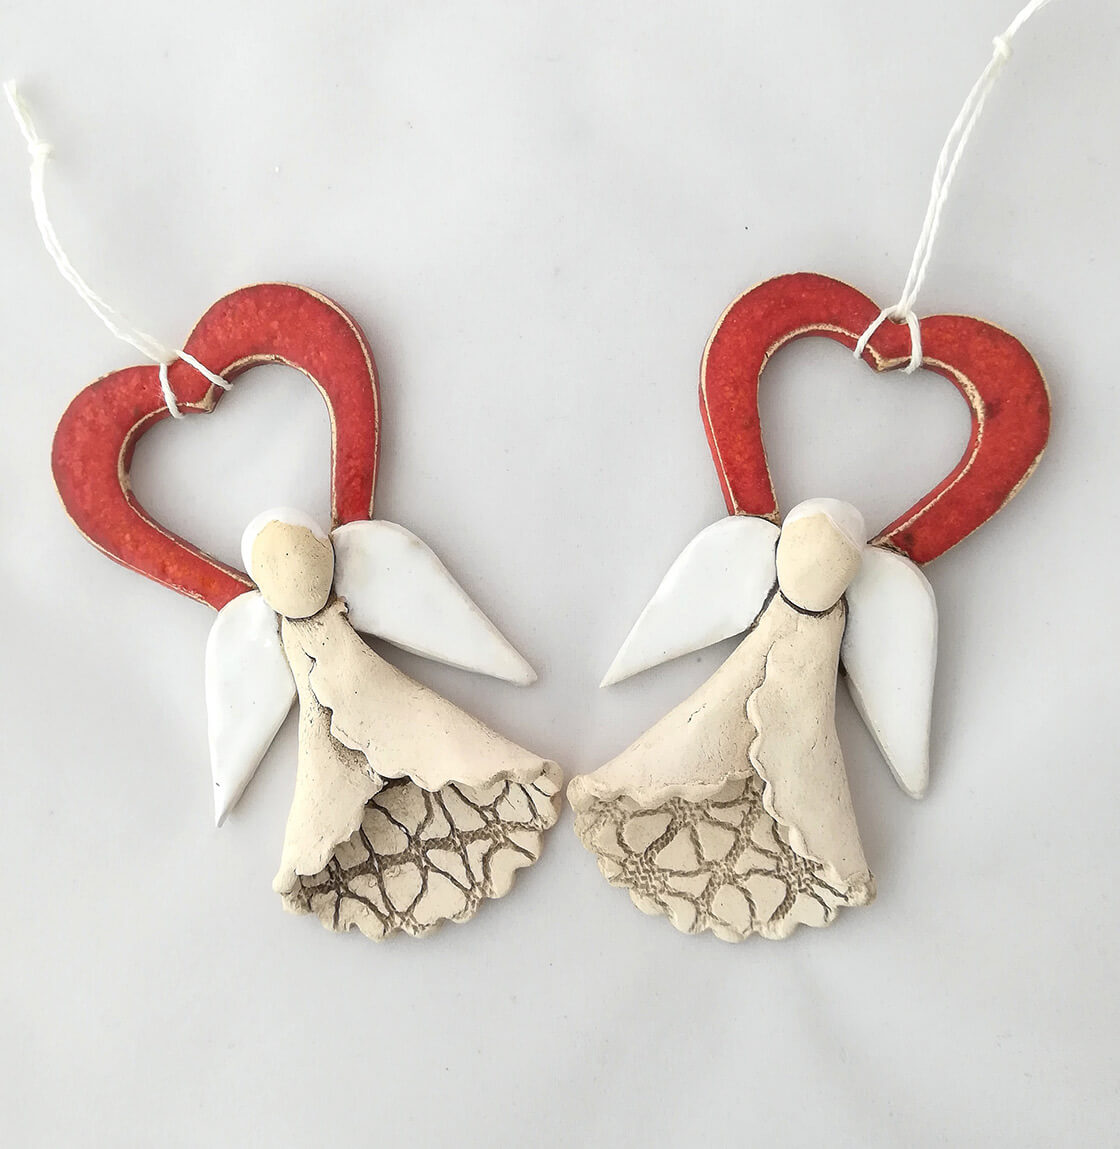 závěsný keramický anděl s červeným srdcem a bílými křídly cca 10 cm velký